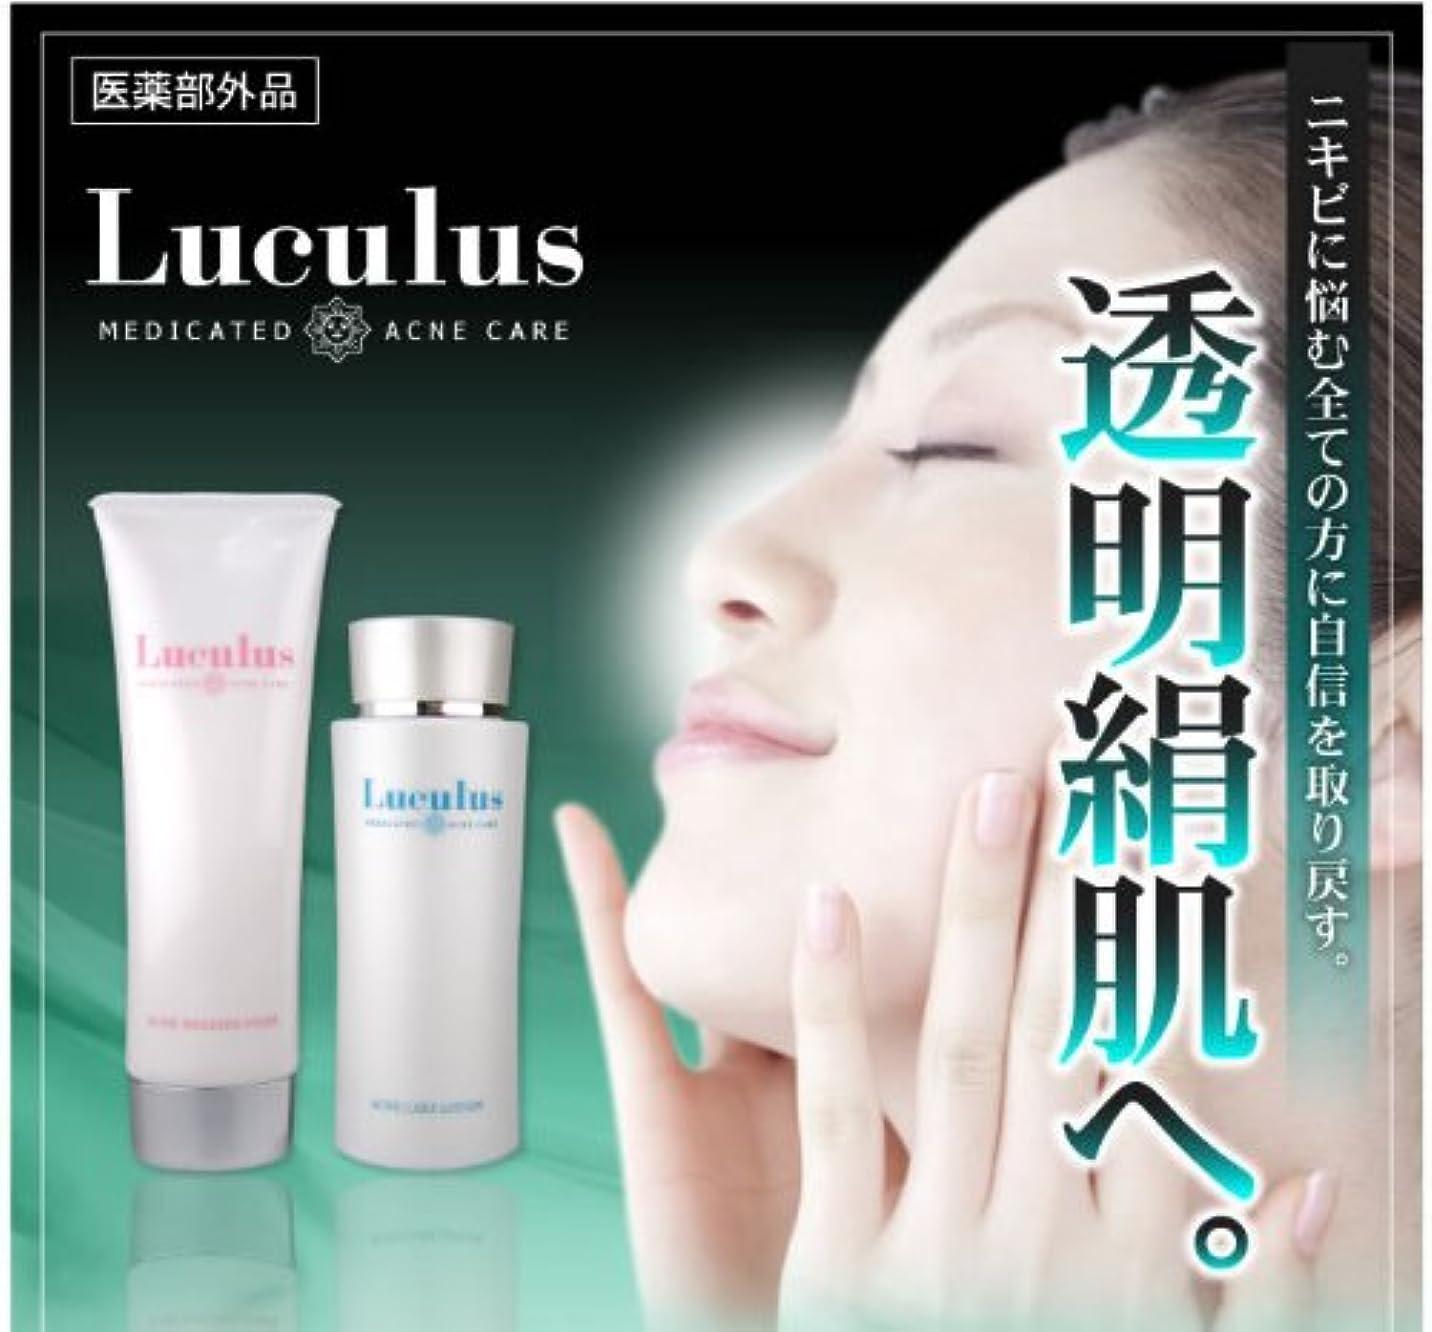 軽減する動詞同盟薬用アクネケア ルクルス 洗顔フォーム